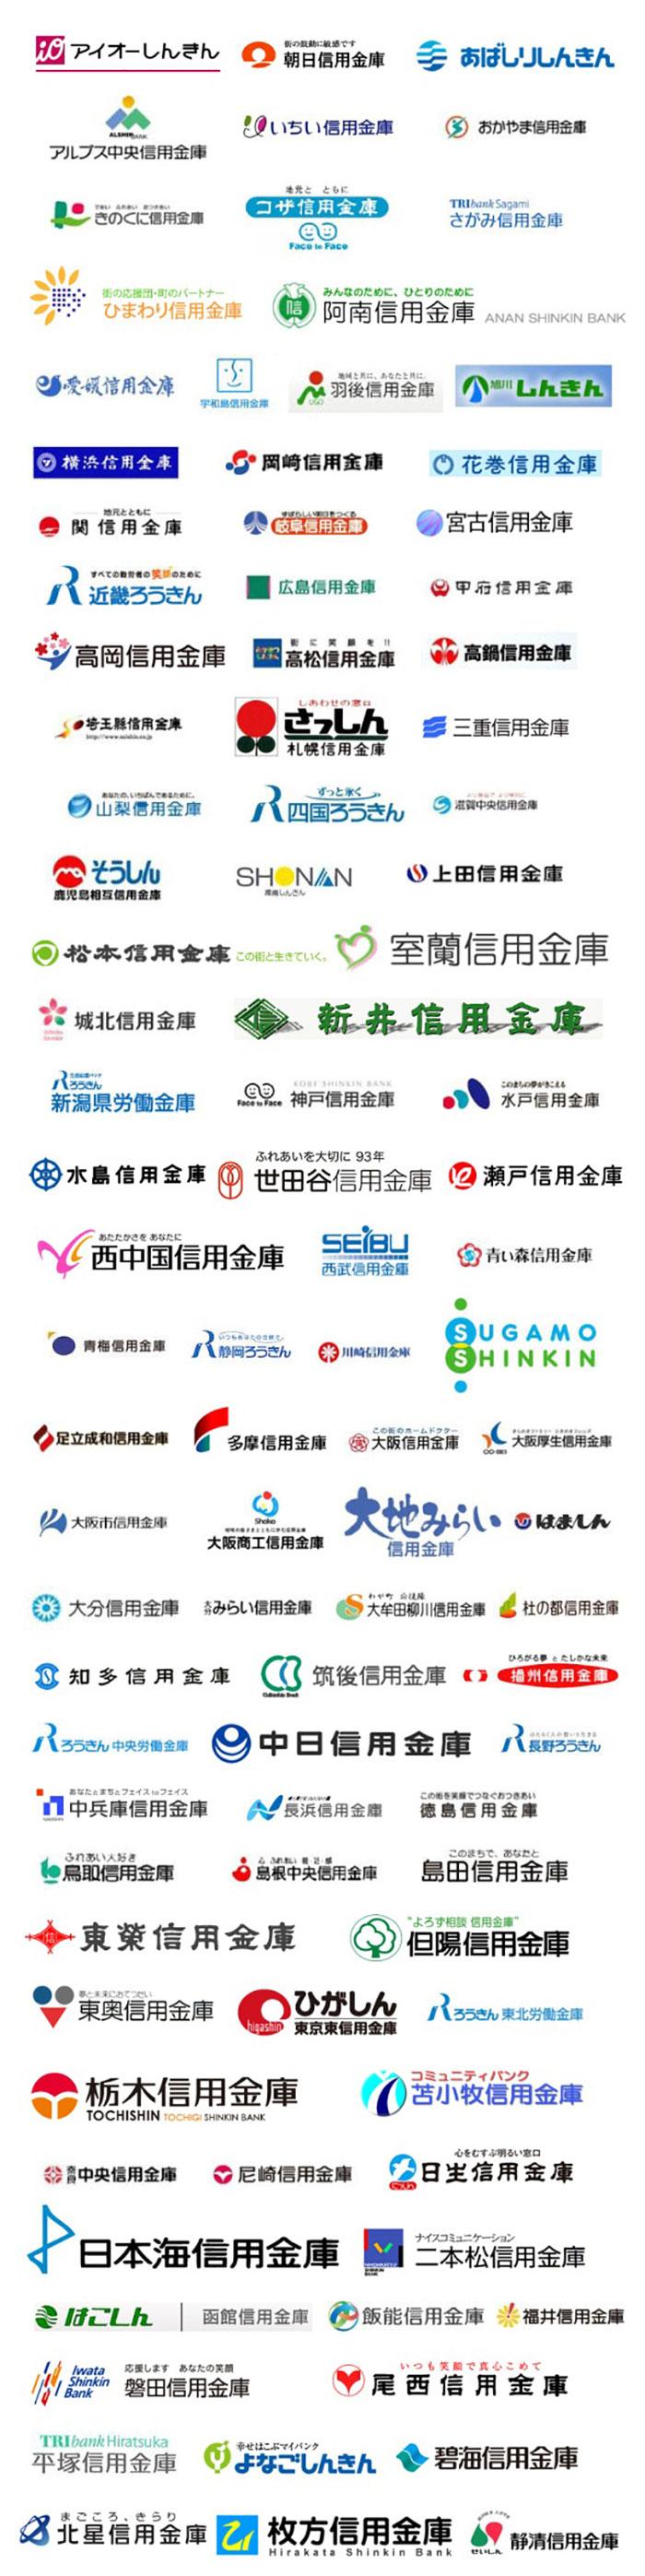 主な提携金融機関一覧